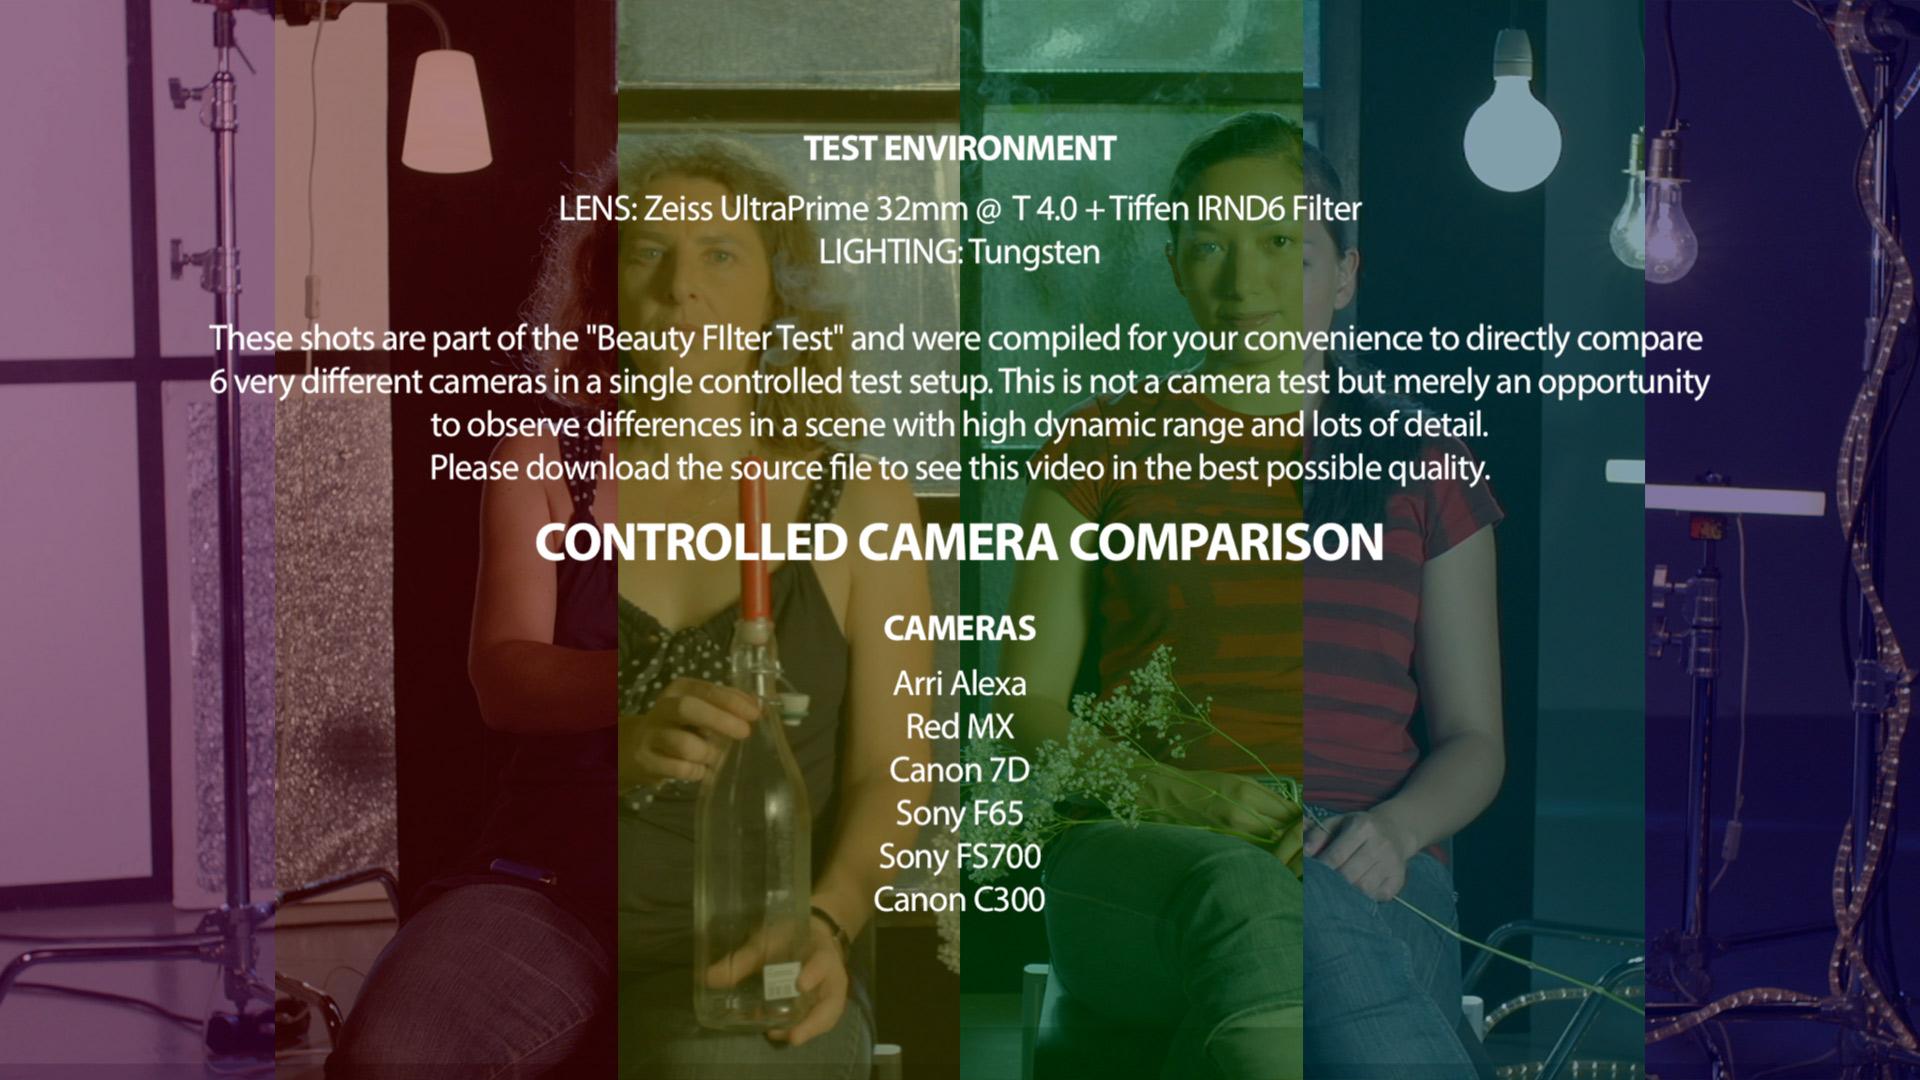 Camera Comparison: Arri Alexa - Red Mx - Canon 7D - Sony F65